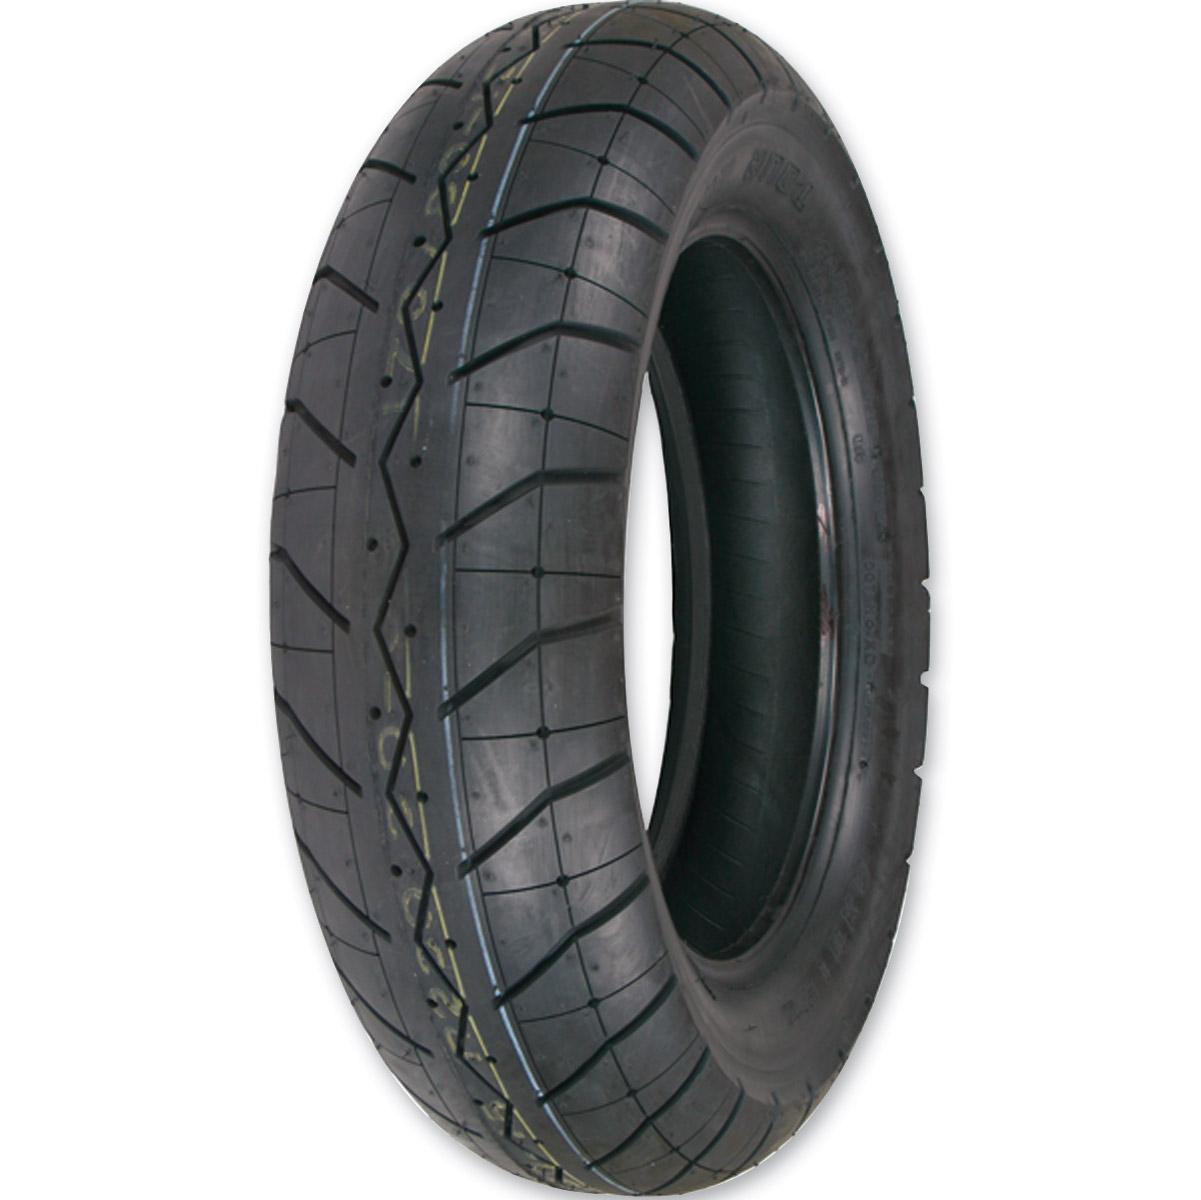 Shinko 230 Tour Master 140/90-16 Rear Tire